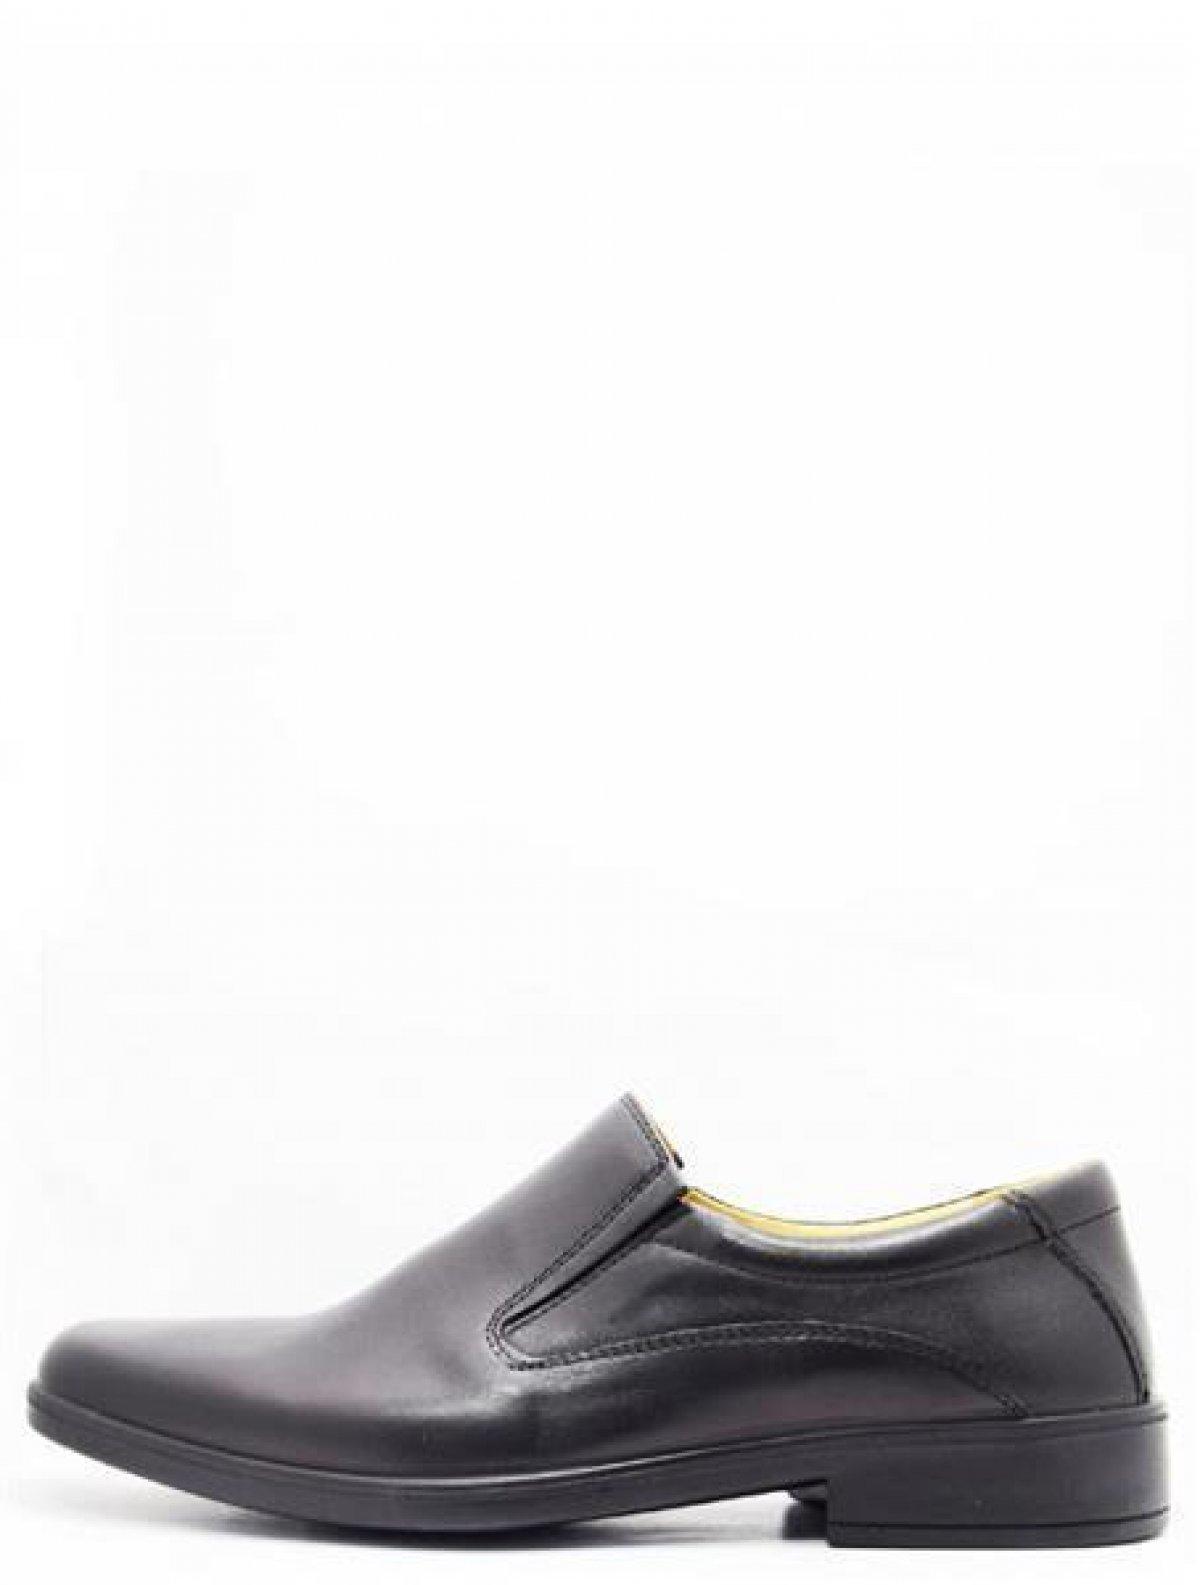 22086-1 туфли мужские